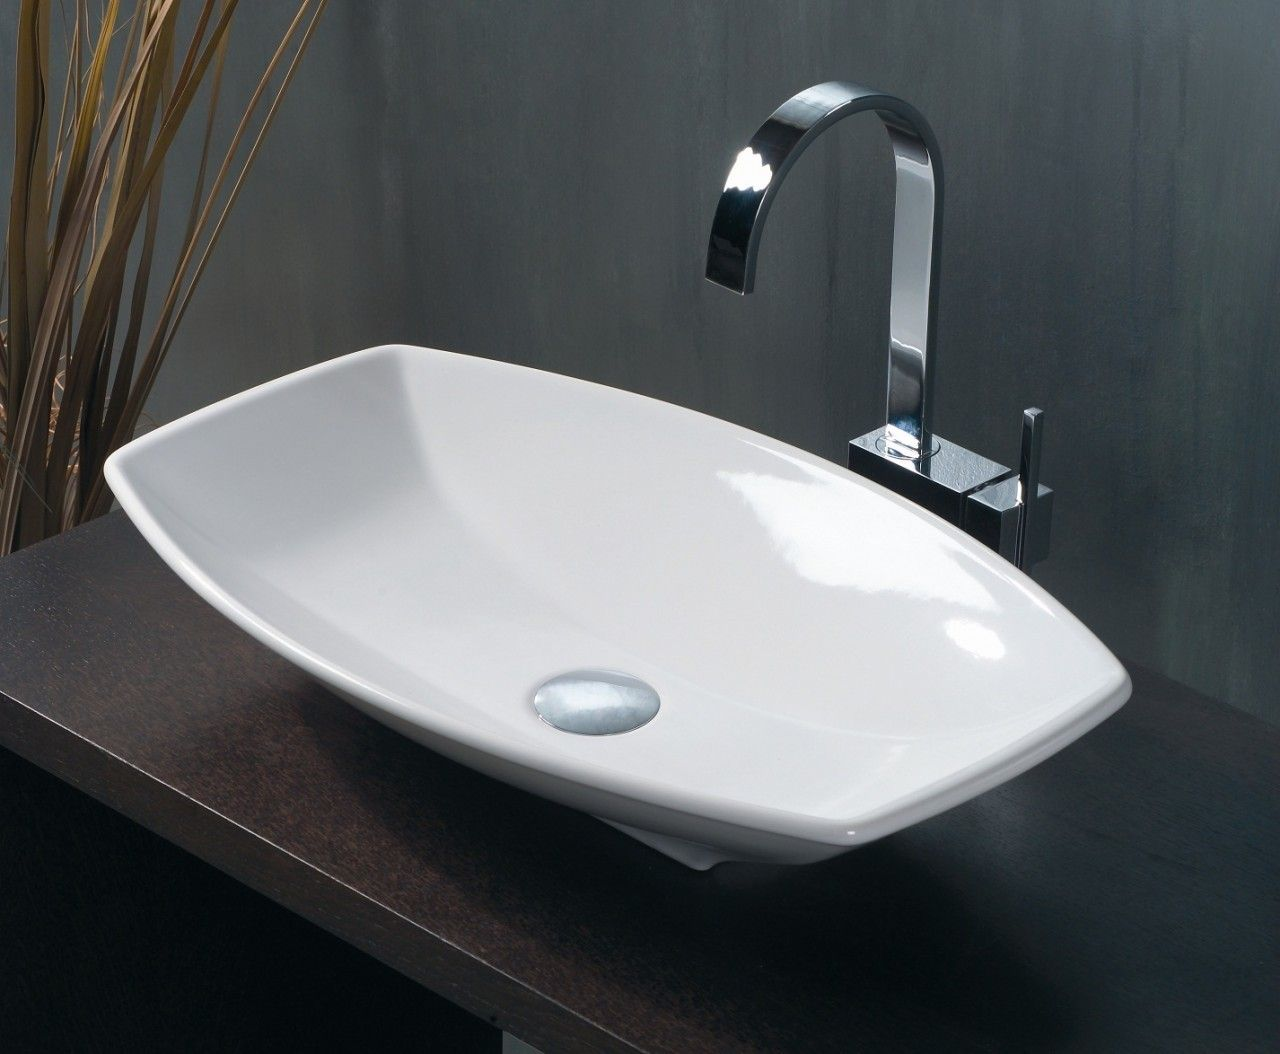 WS Bath Collections LVR 210 Vessel Bathroom Sink 23.6\